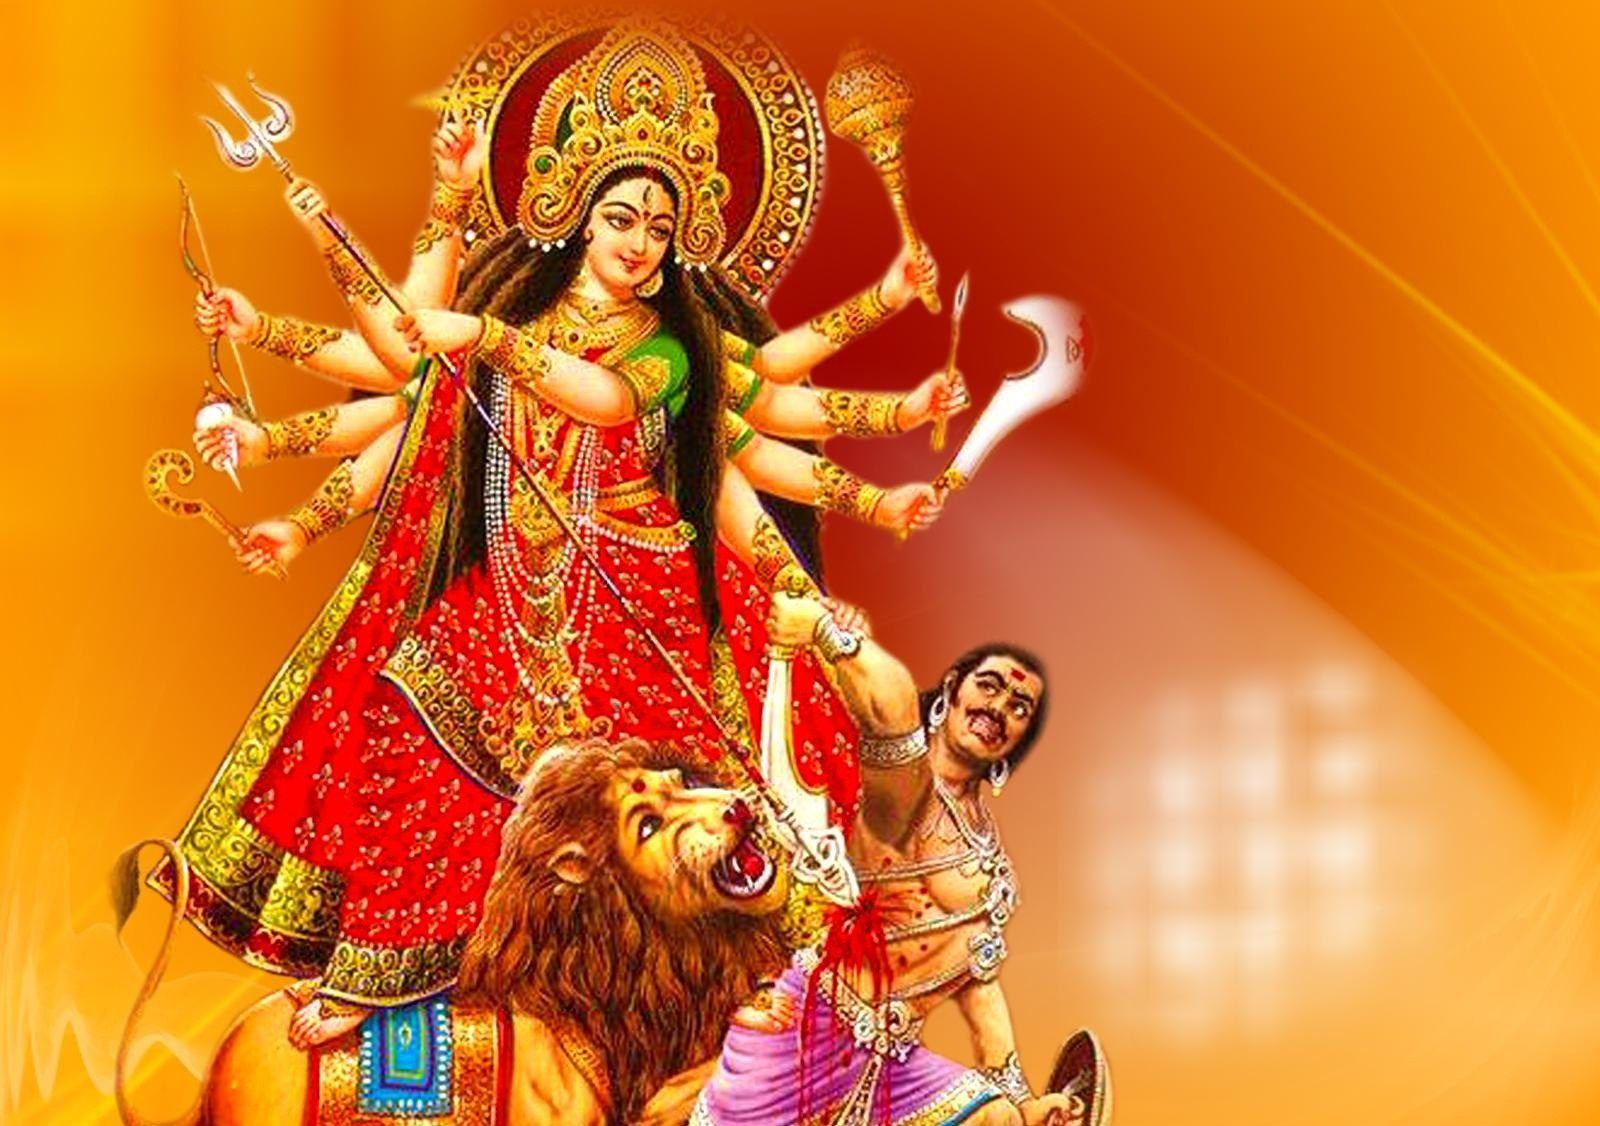 Jai Mata Di Maa Durga Beautiful Hd Wallpapers Collection S